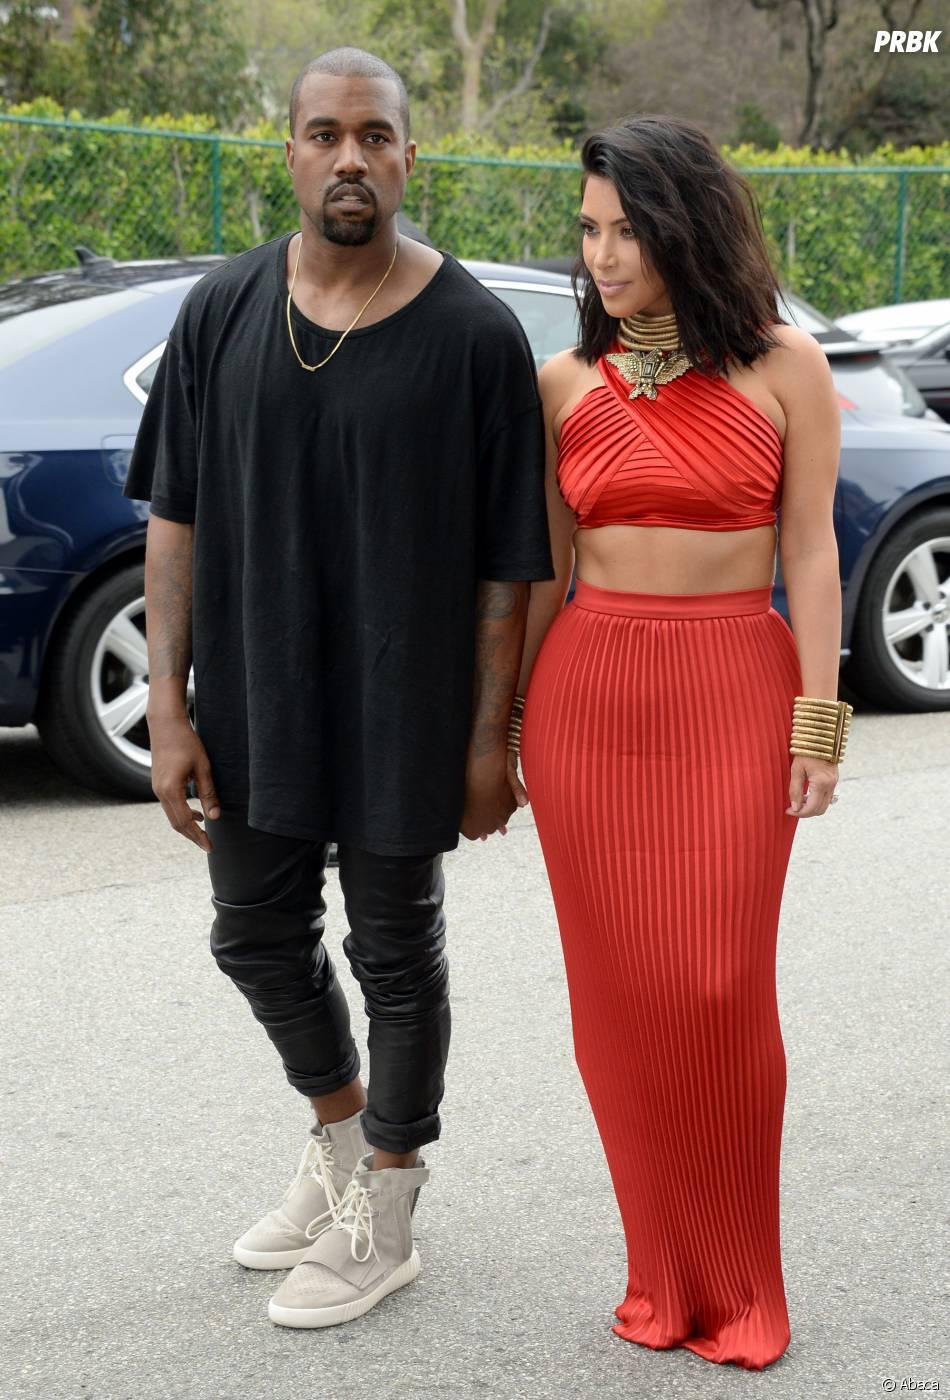 Kanye West et ses sneakers Yeezy 750 Boost x Adidas aux pieds, le 7 février 2015